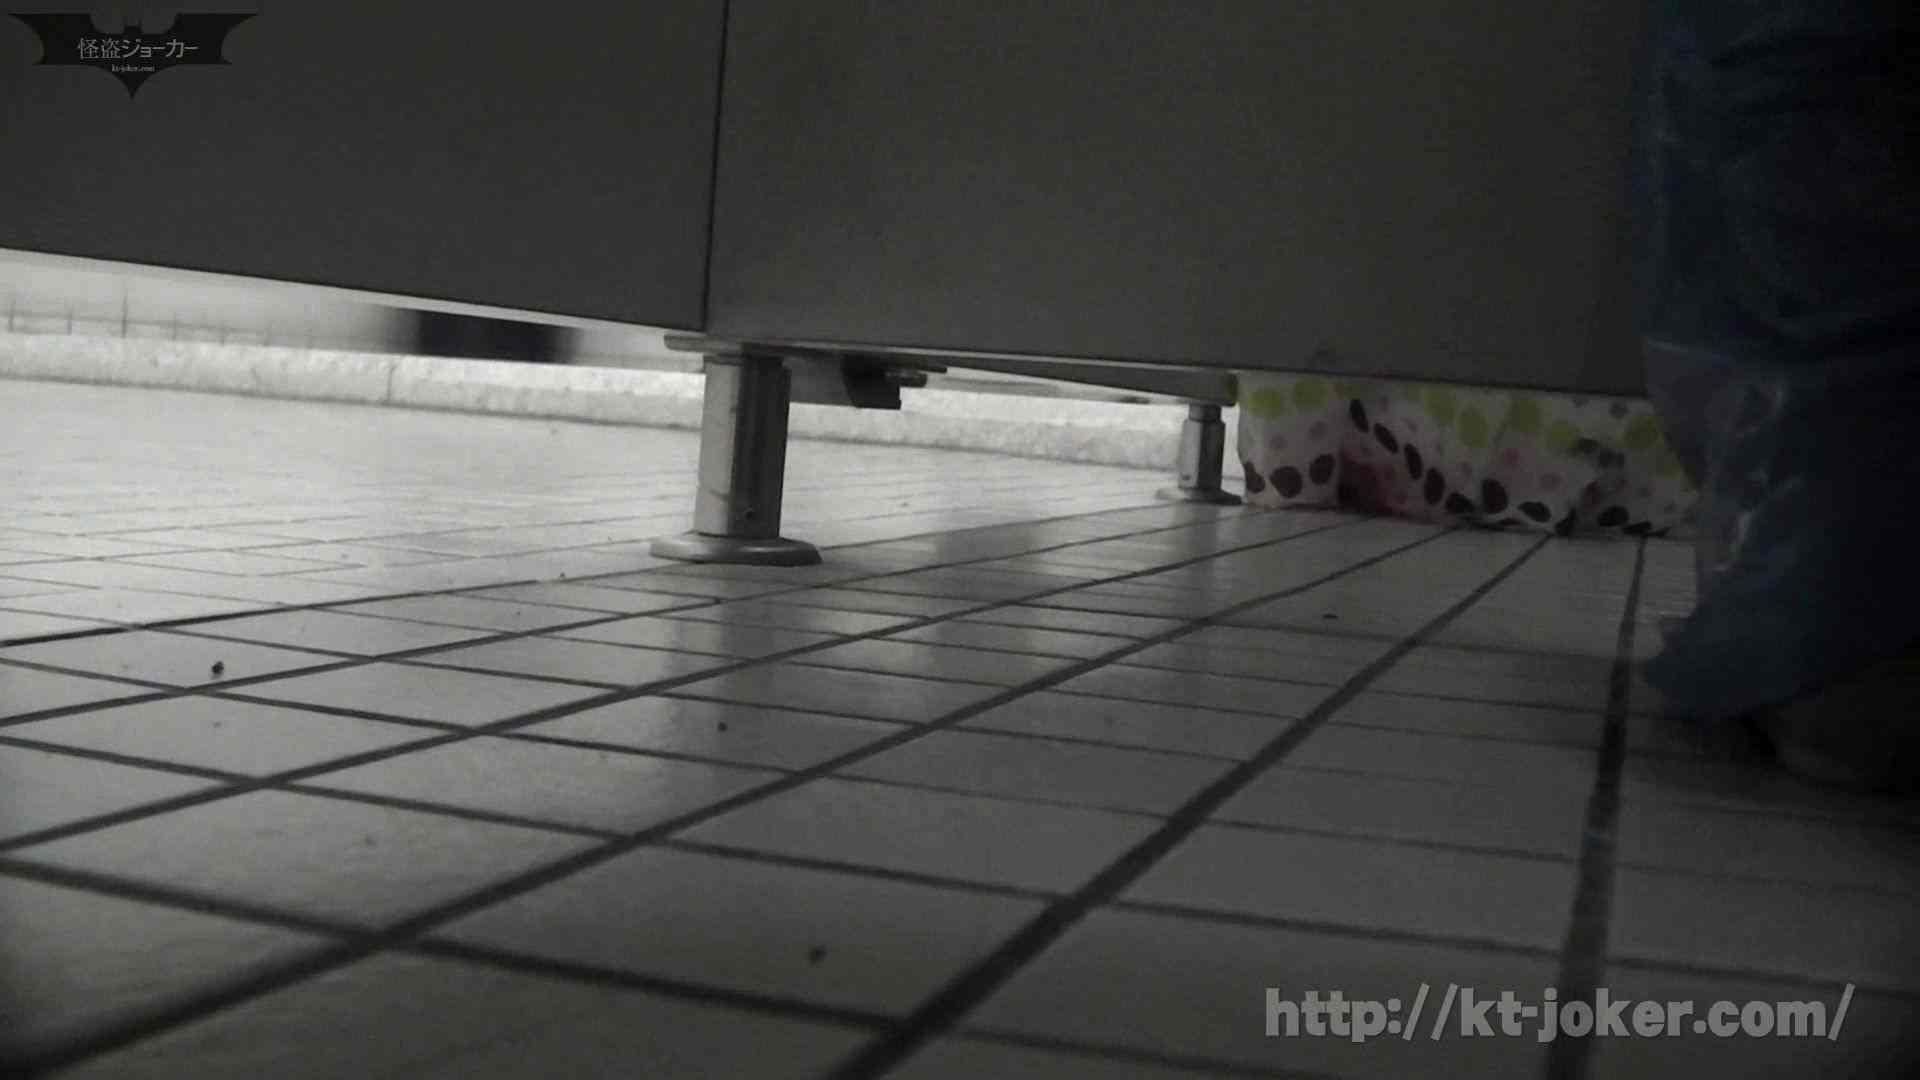 命がけ潜伏洗面所! vol.51 エロすぎる捻り? プライベート 盗撮ヌード画像 108画像 47